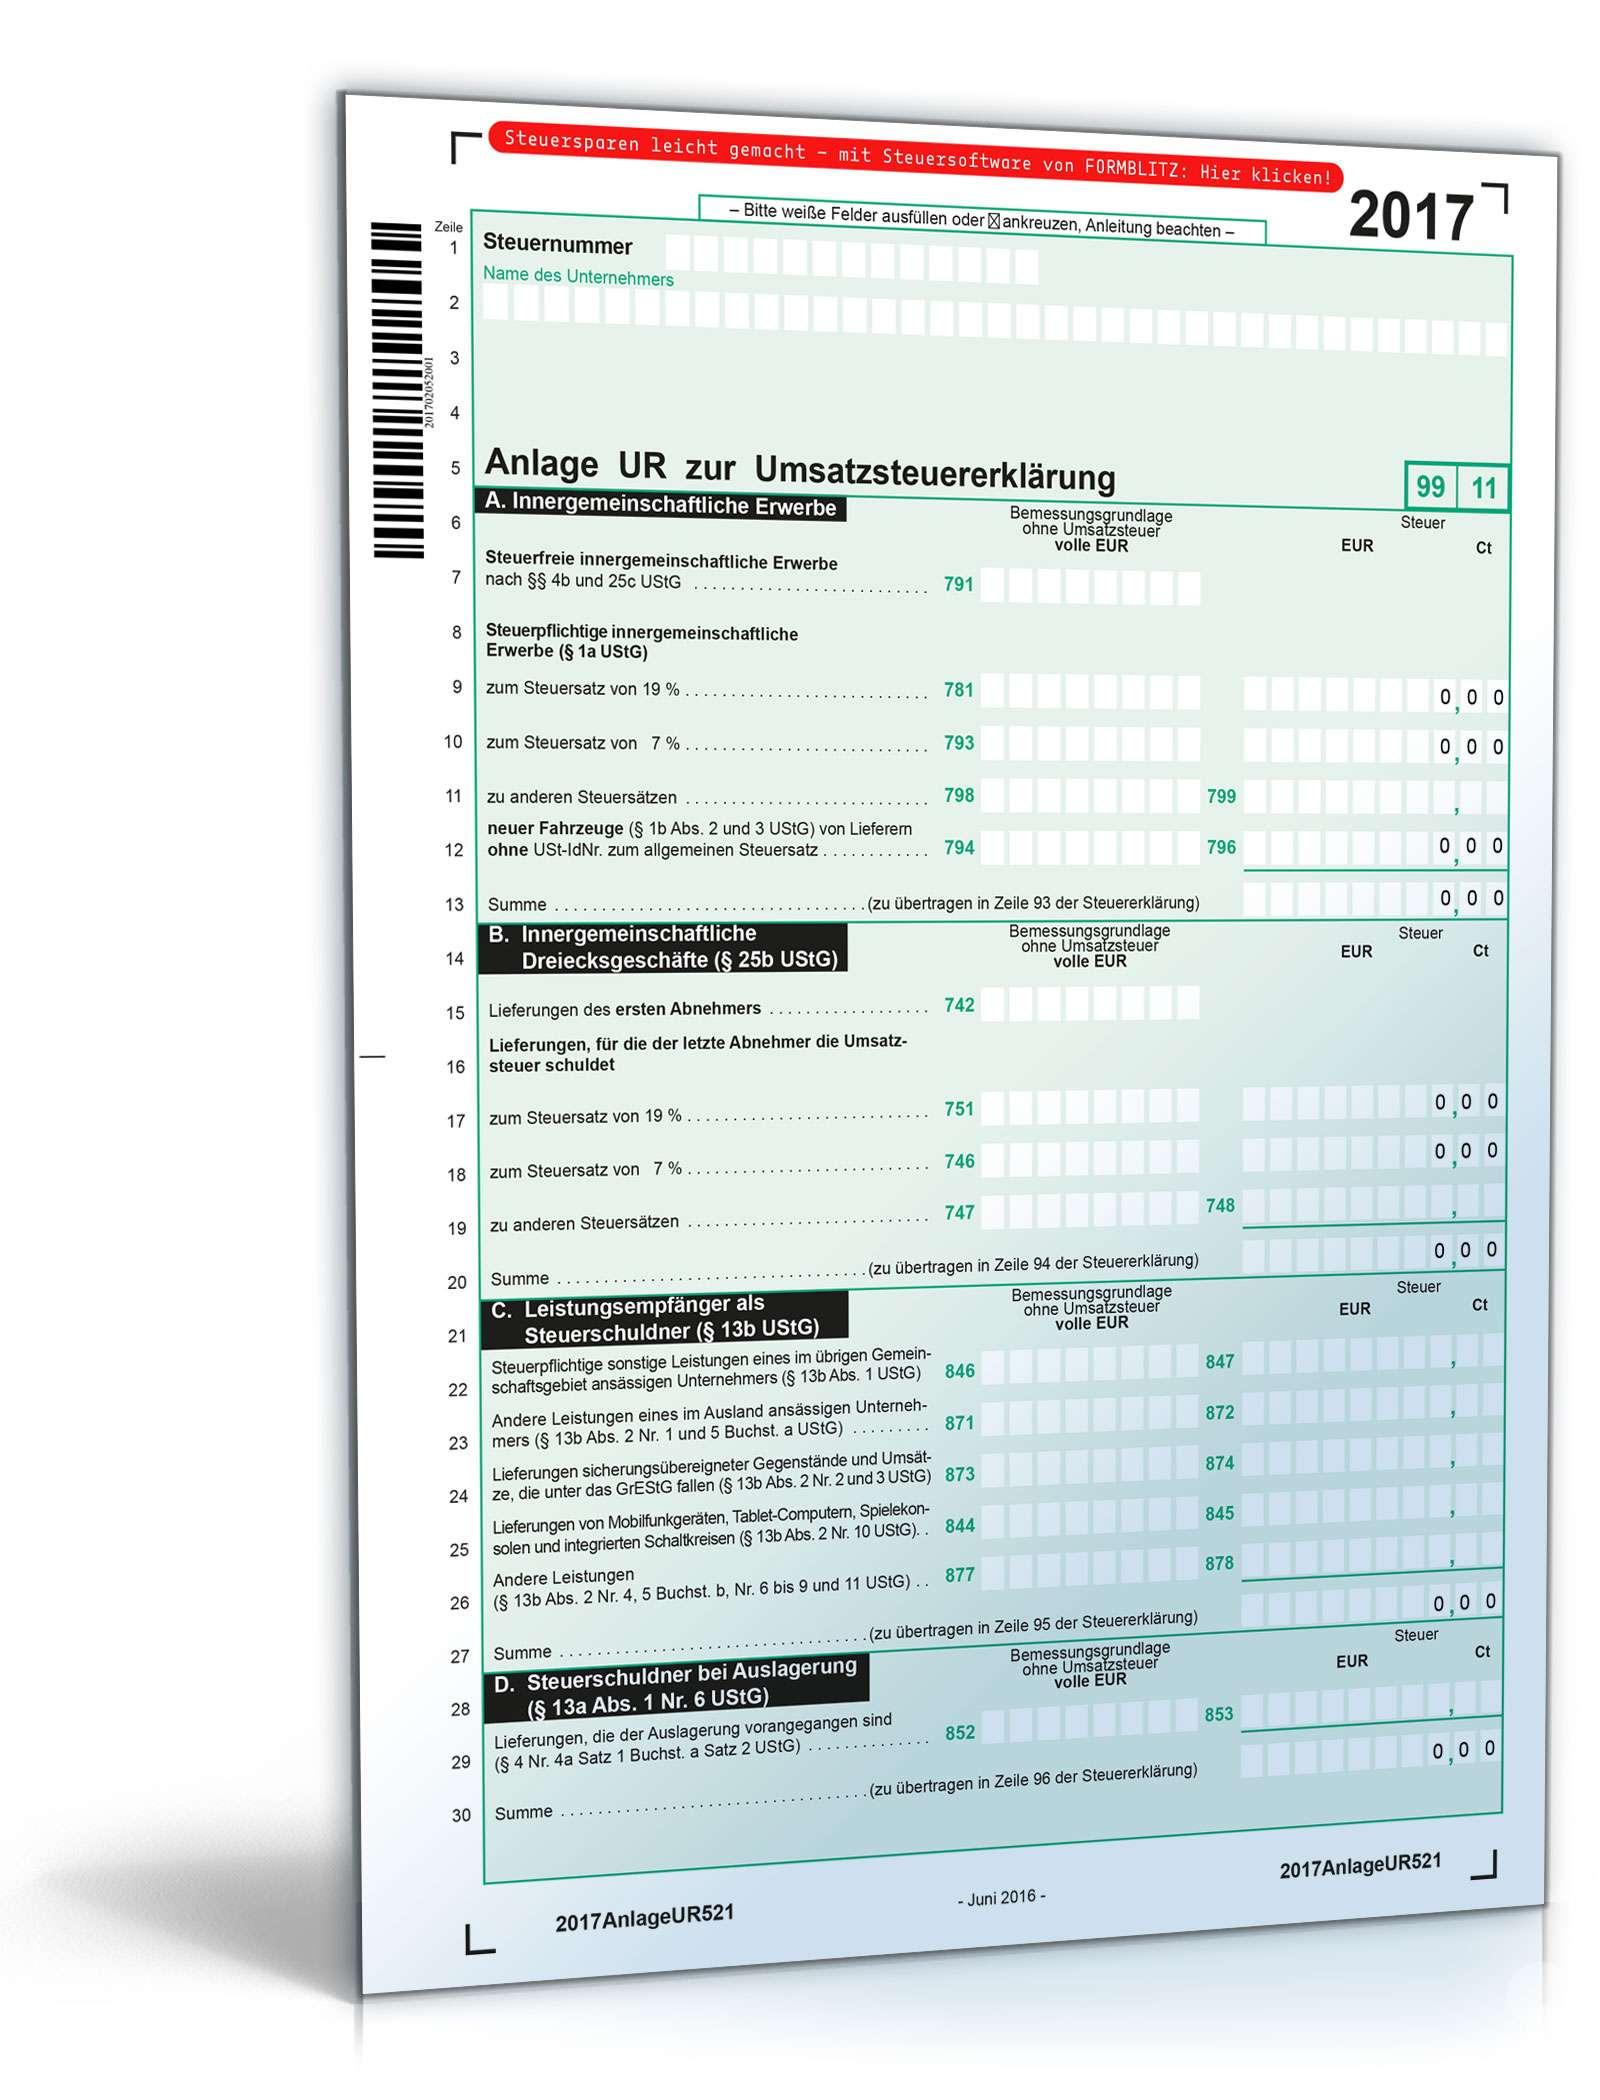 Anlage UR zur Umsatzsteuererklärung 2017 Dokument zum Download